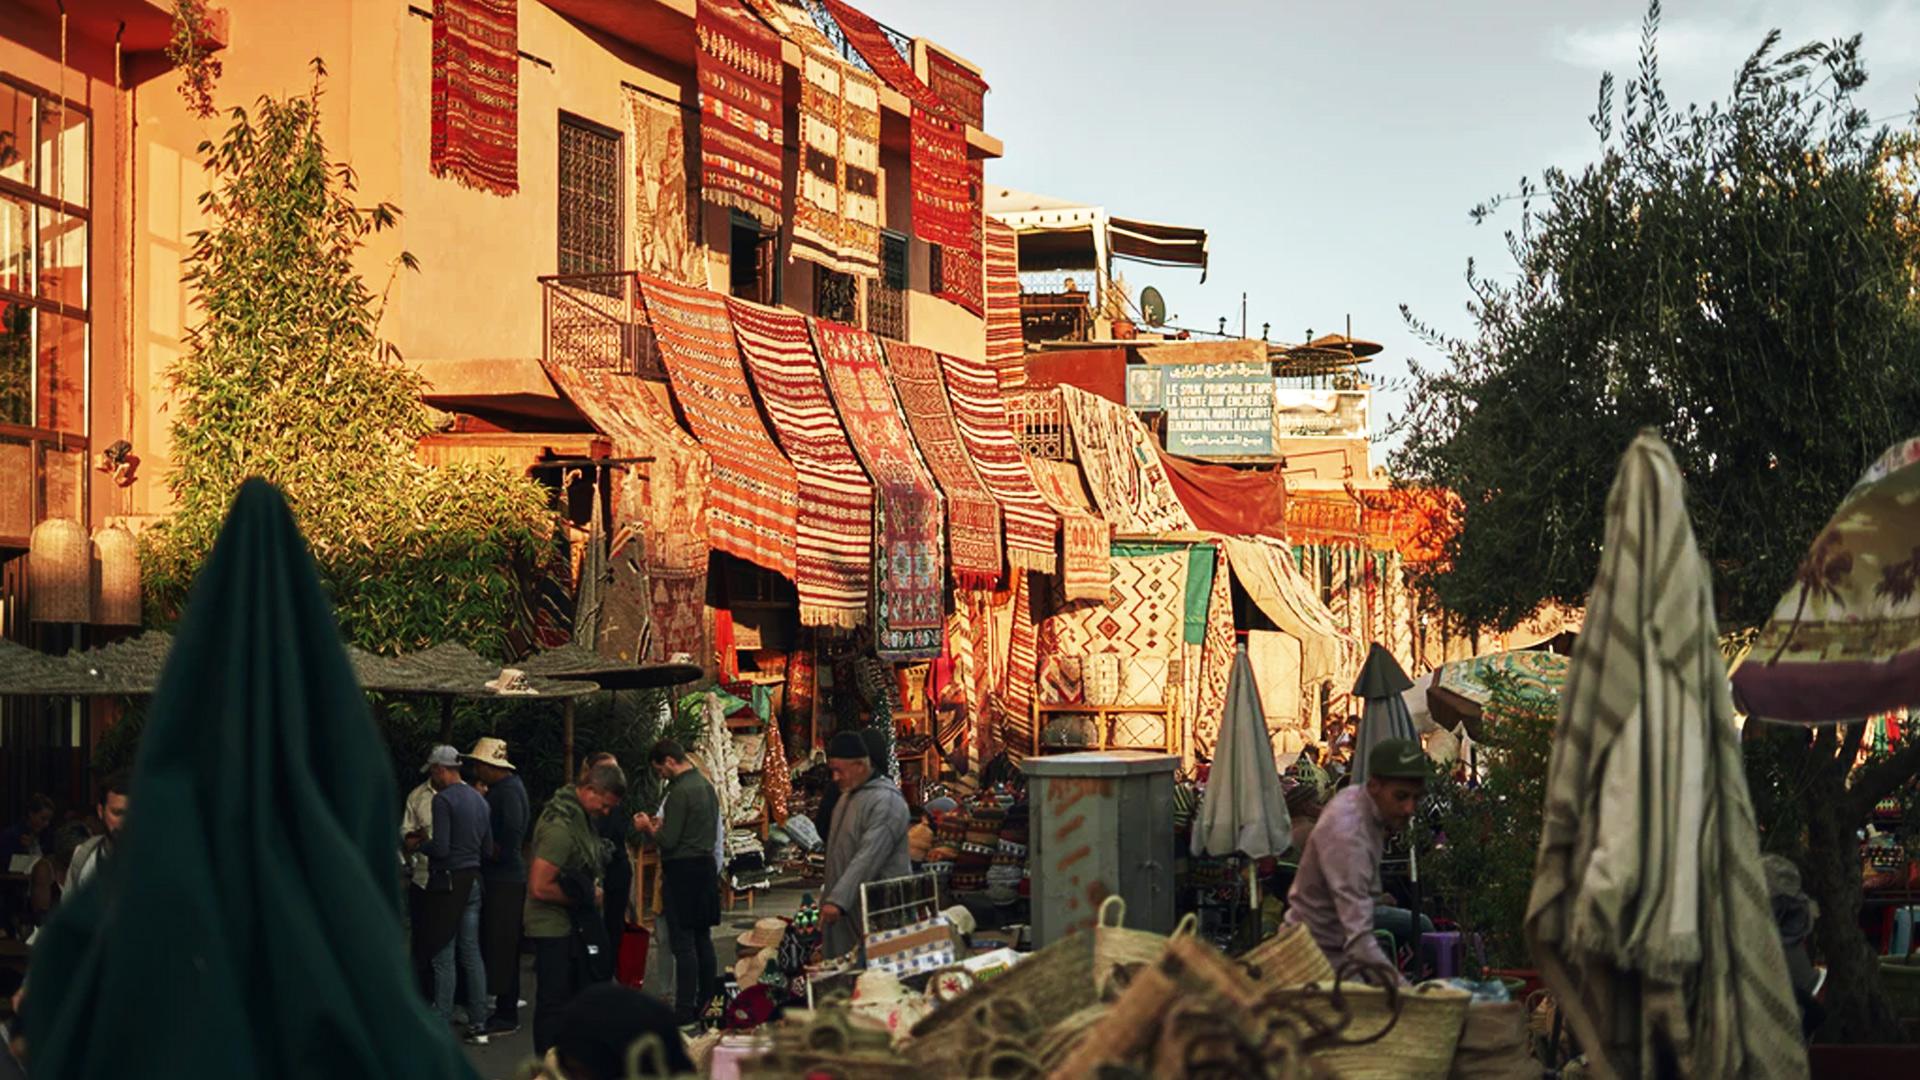 Τι να αγοράσω από το Μαρόκο; 5+1 πράγματα που πρέπει να έχεις στην βαλίτσα σου όταν επιστρέψεις 1